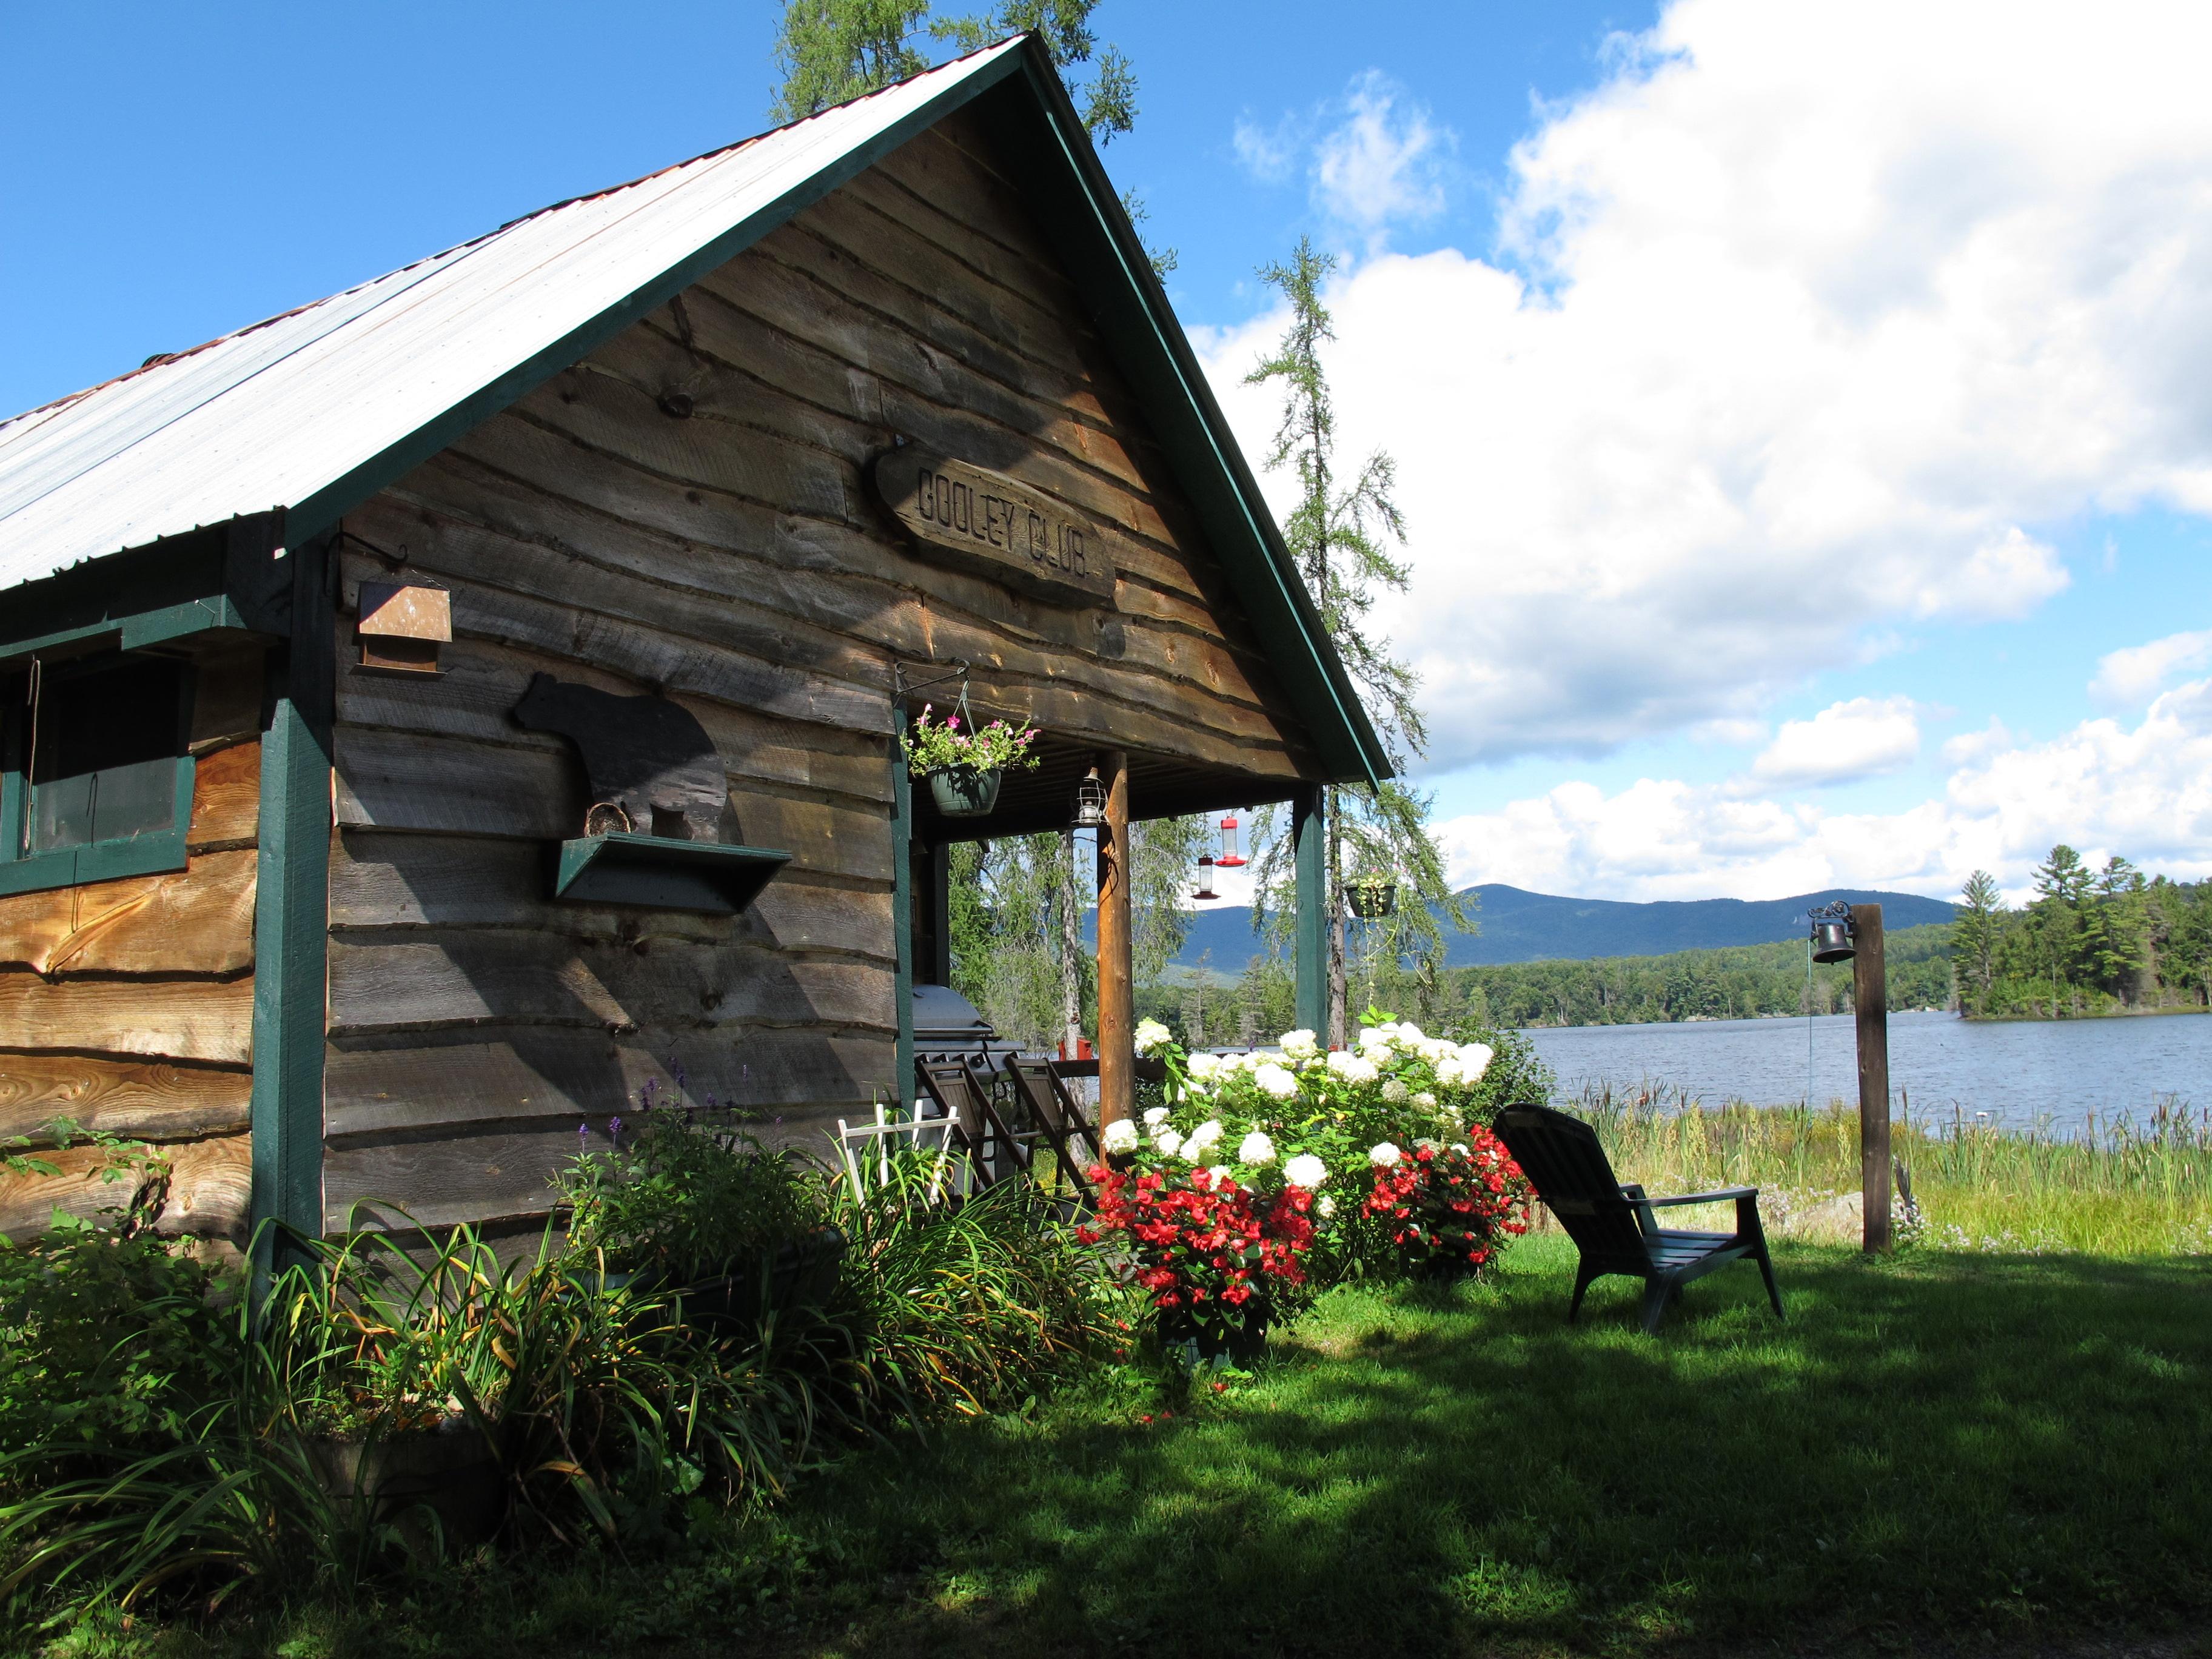 A cabin by a lake.